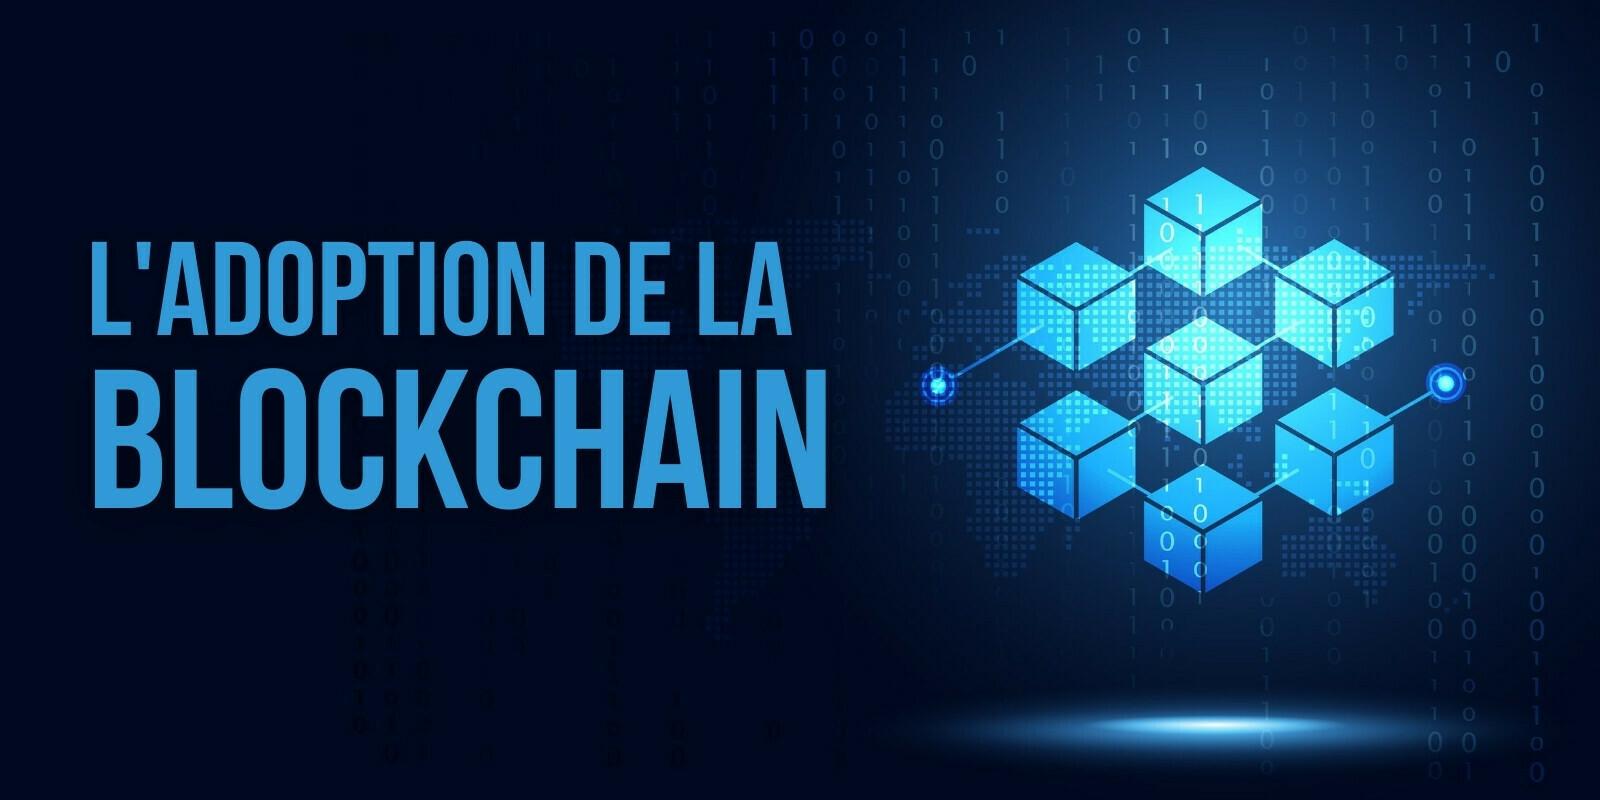 81 des 100 plus grandes entreprises mondiales utilisent désormais la blockchain